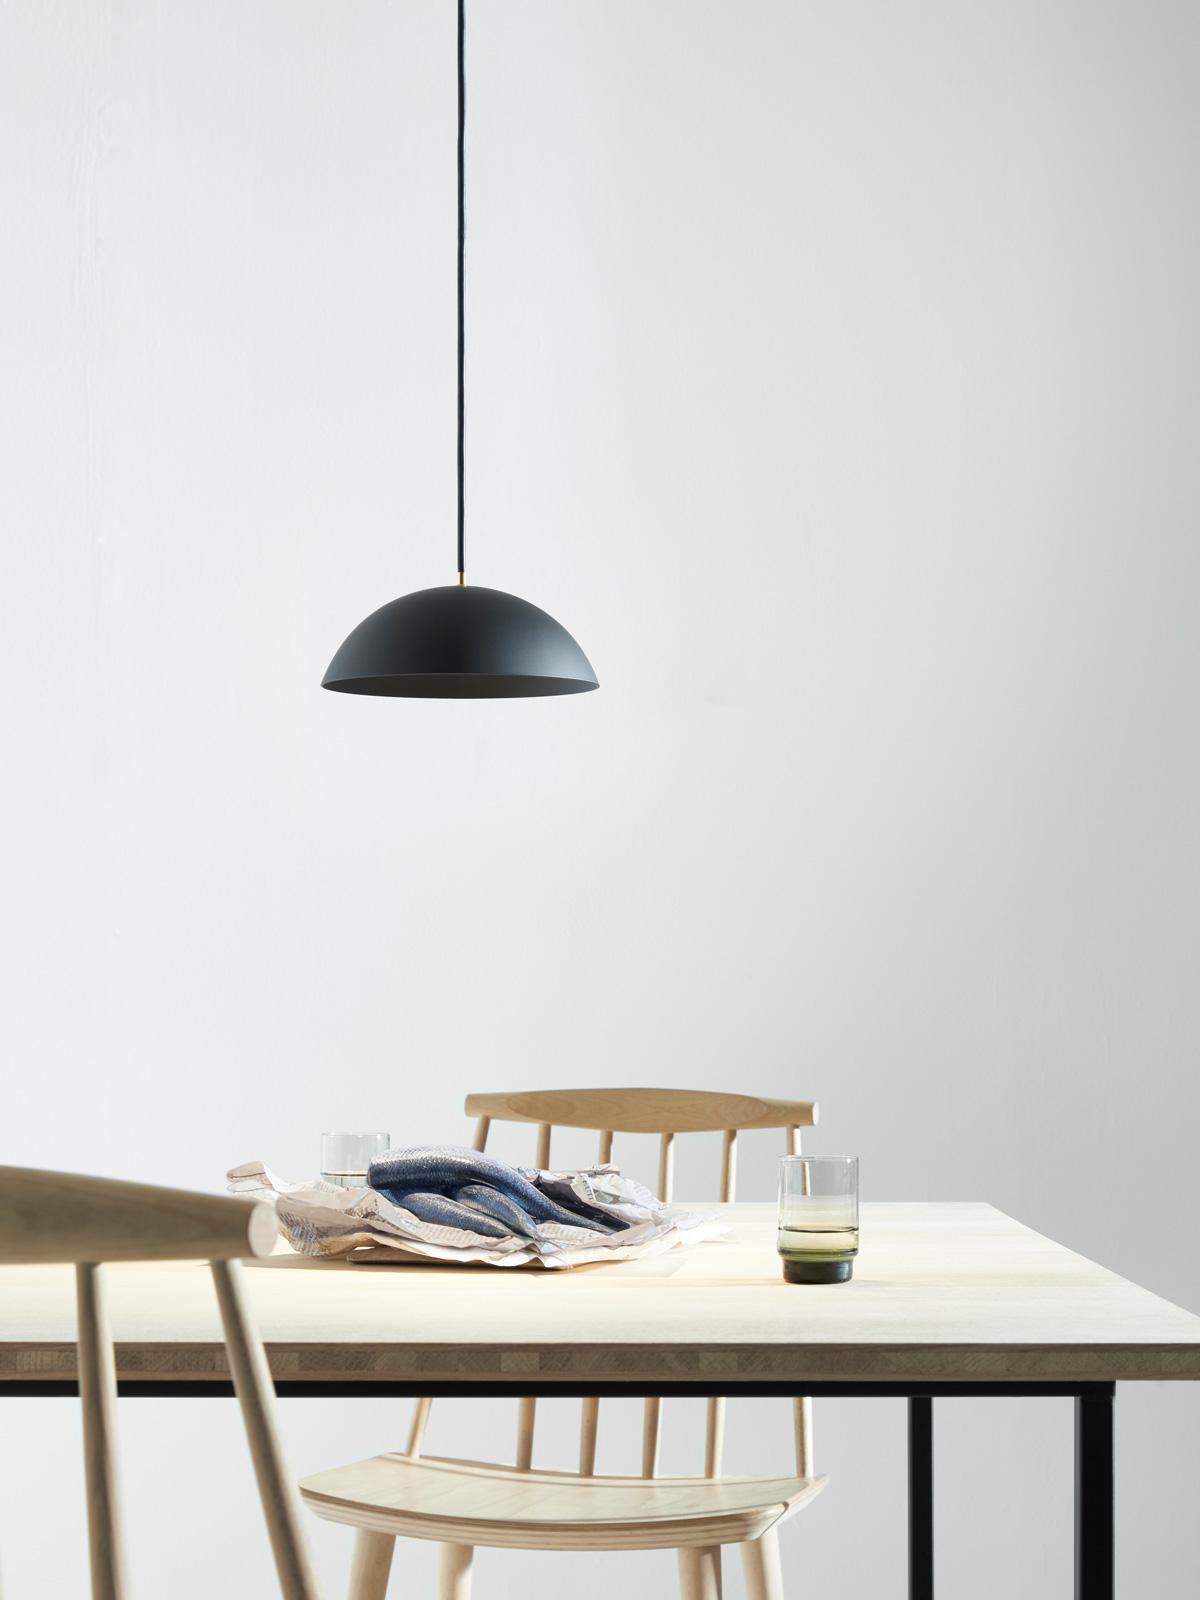 NYTA Pong Ceiling LED Leuchte DesignOrt Berlin Onlineshop Lampen